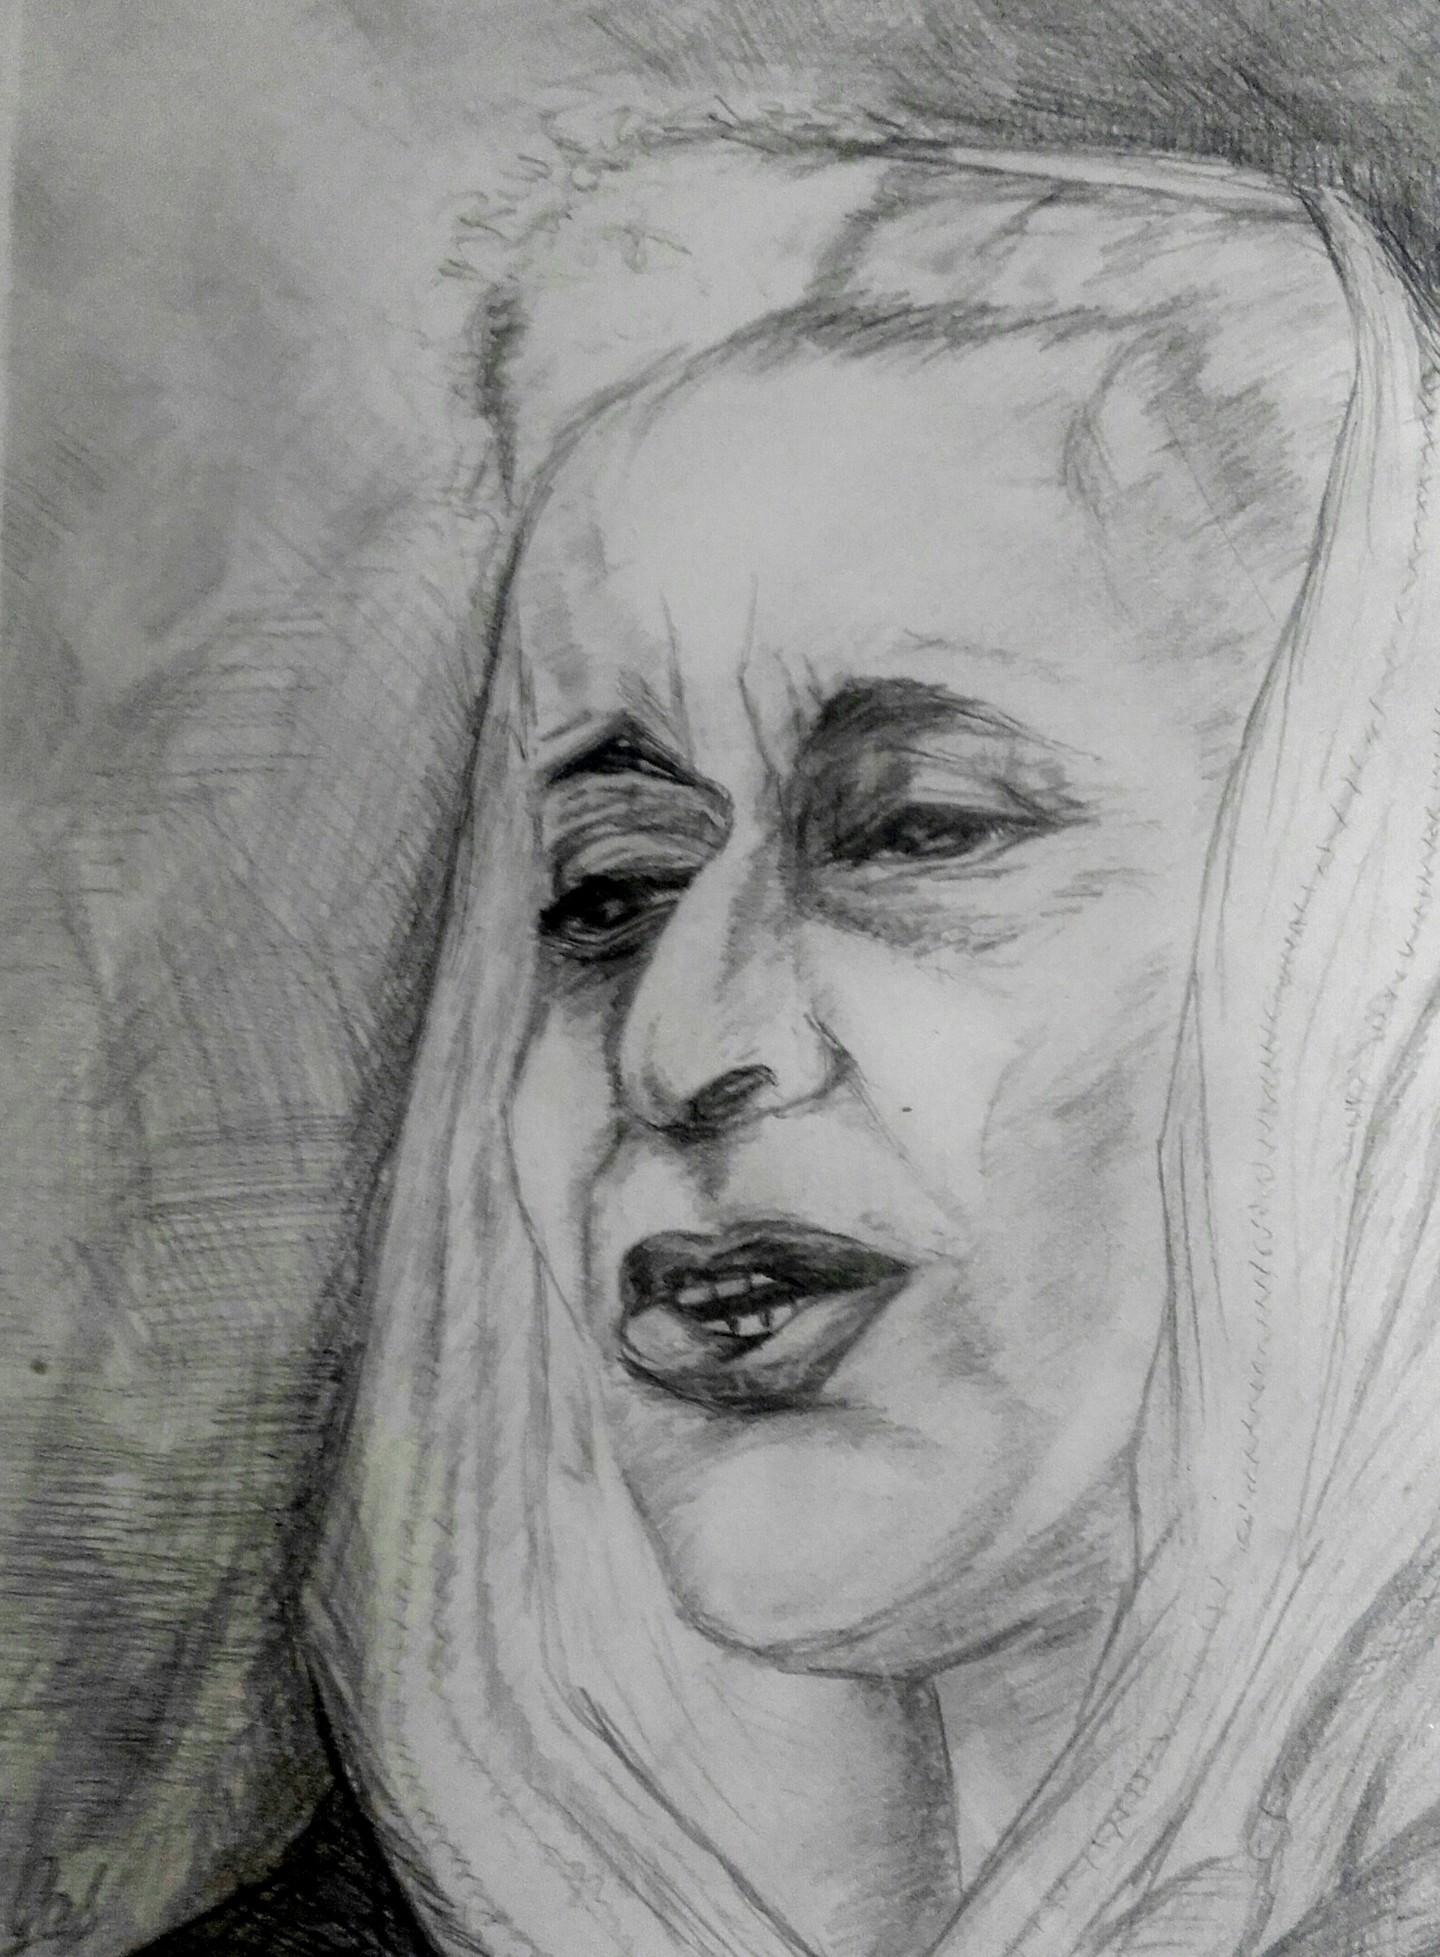 GAS - Indira Gandhi